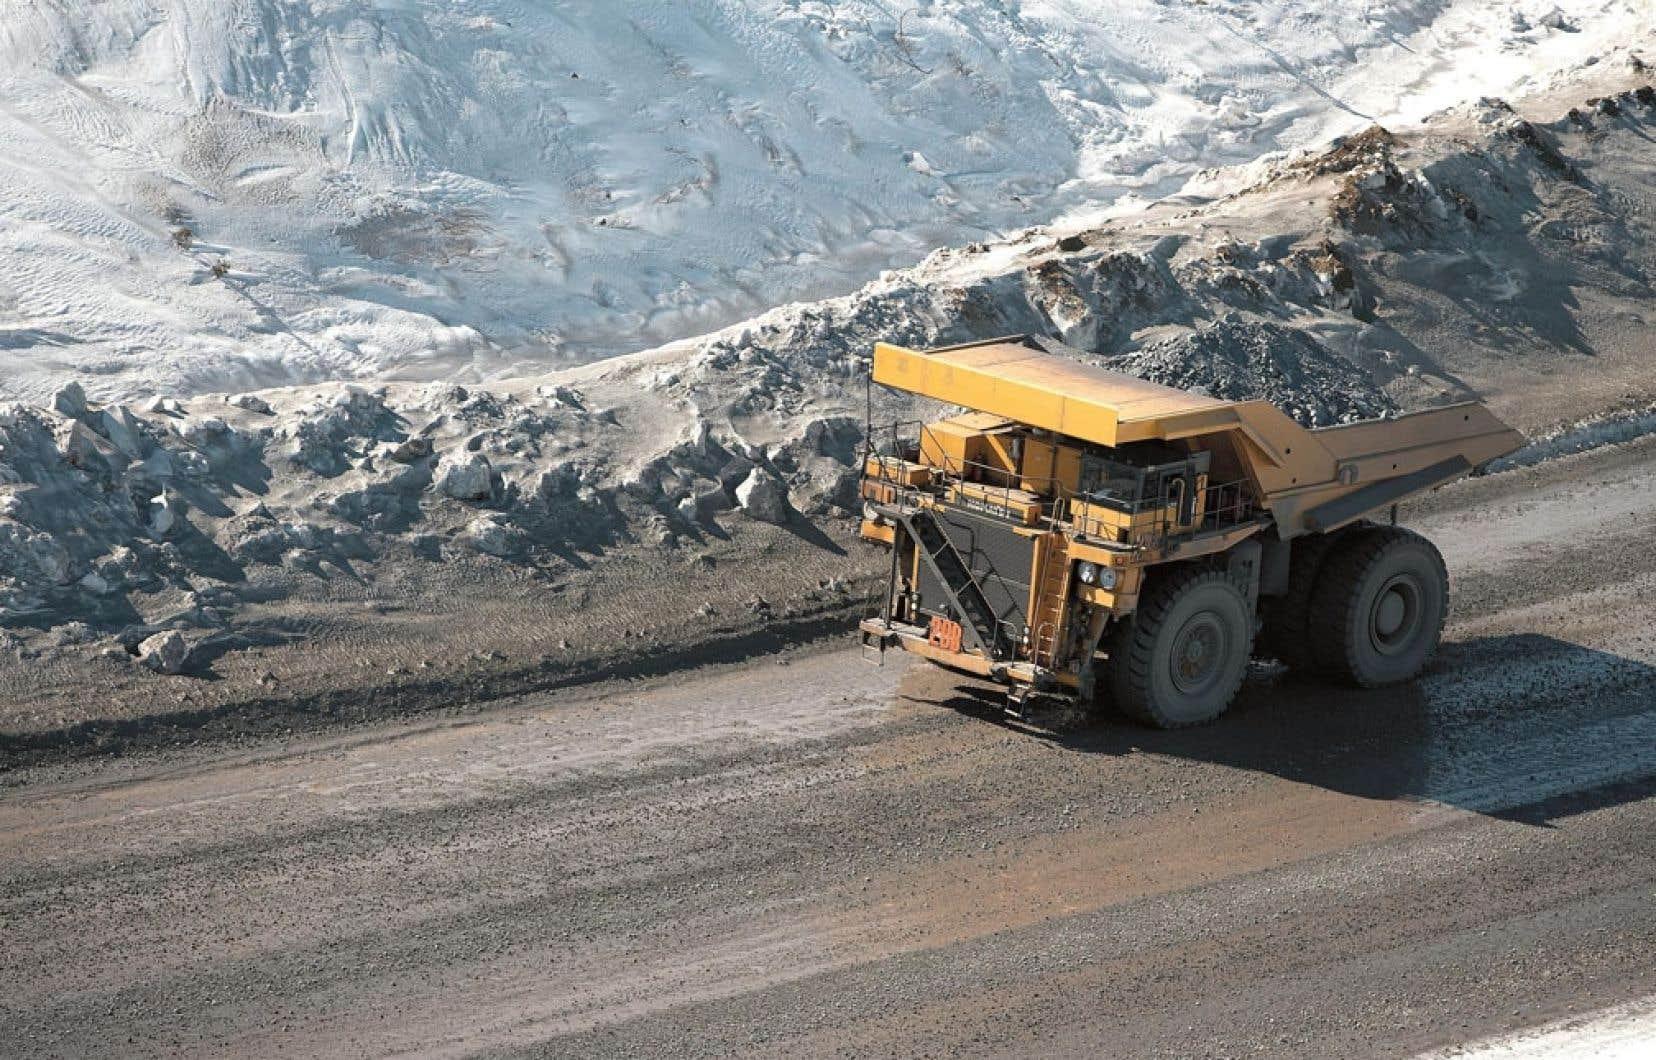 Les entreprises contribuent déjà aux finances de l'État québécois par l'entremise des redevances qu'elles versent et n'auront pas à assumer les coûts de nettoyage des mines, selon Québec.